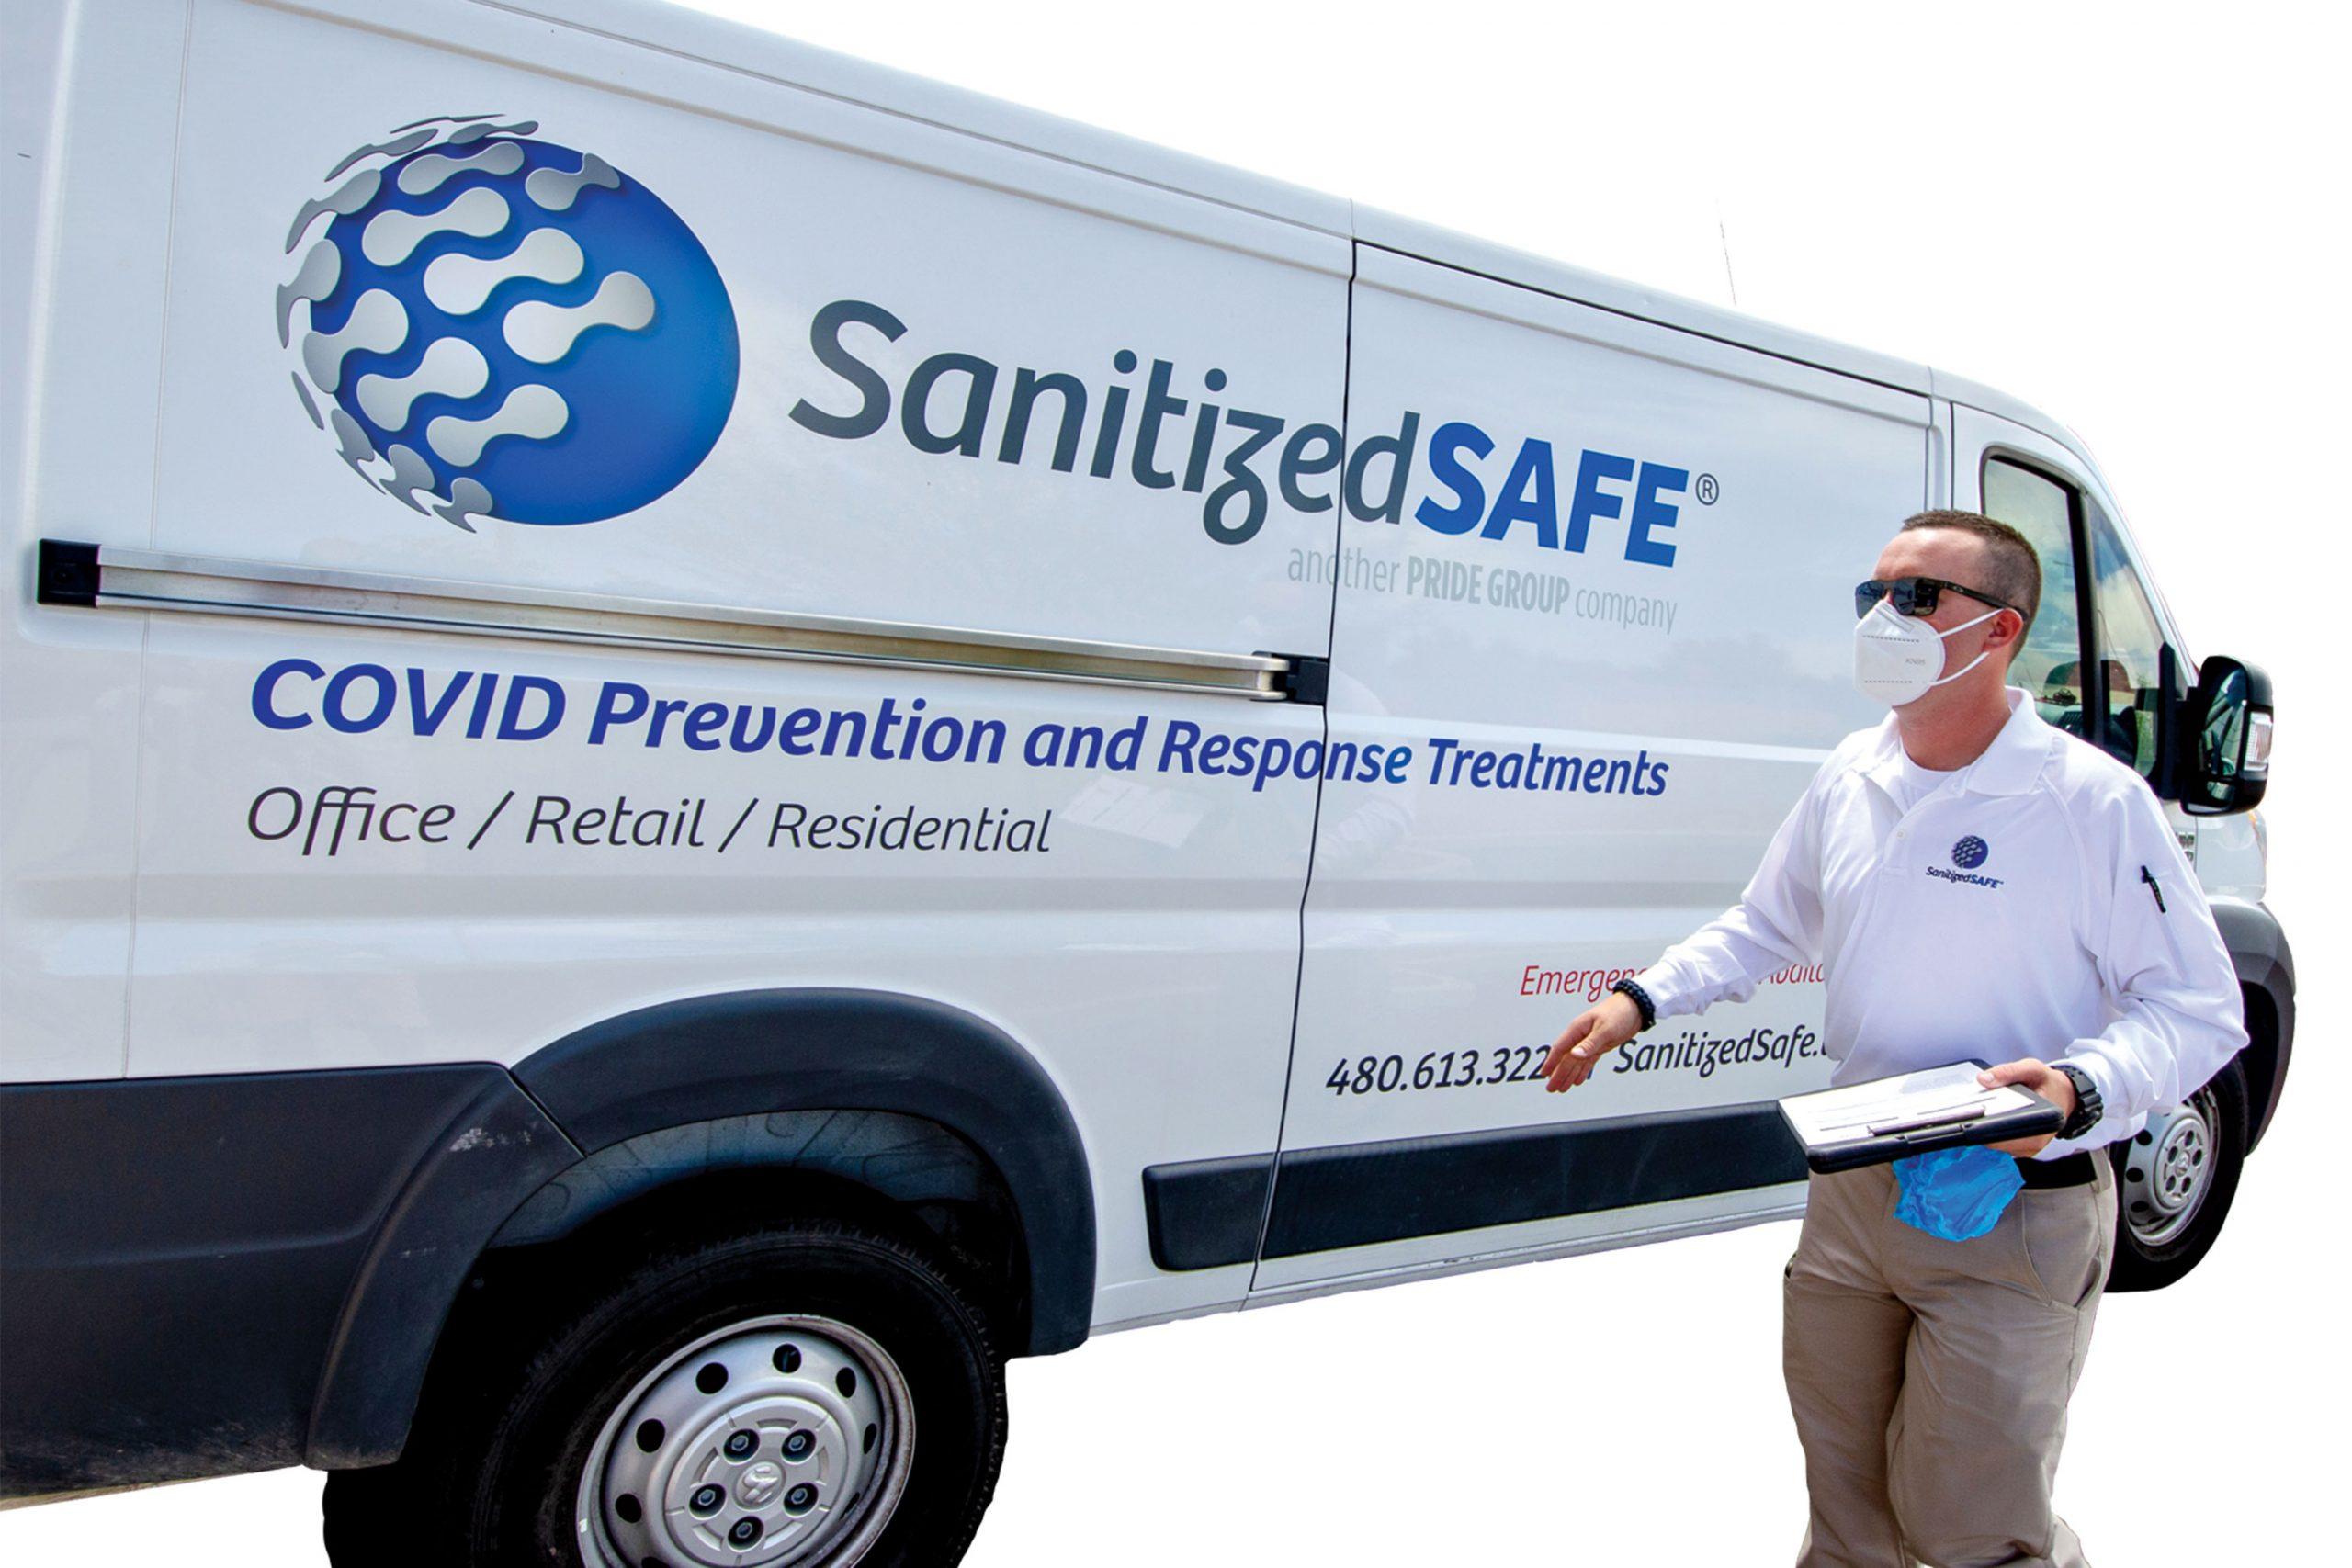 Photo courtesy Sanitized Safe